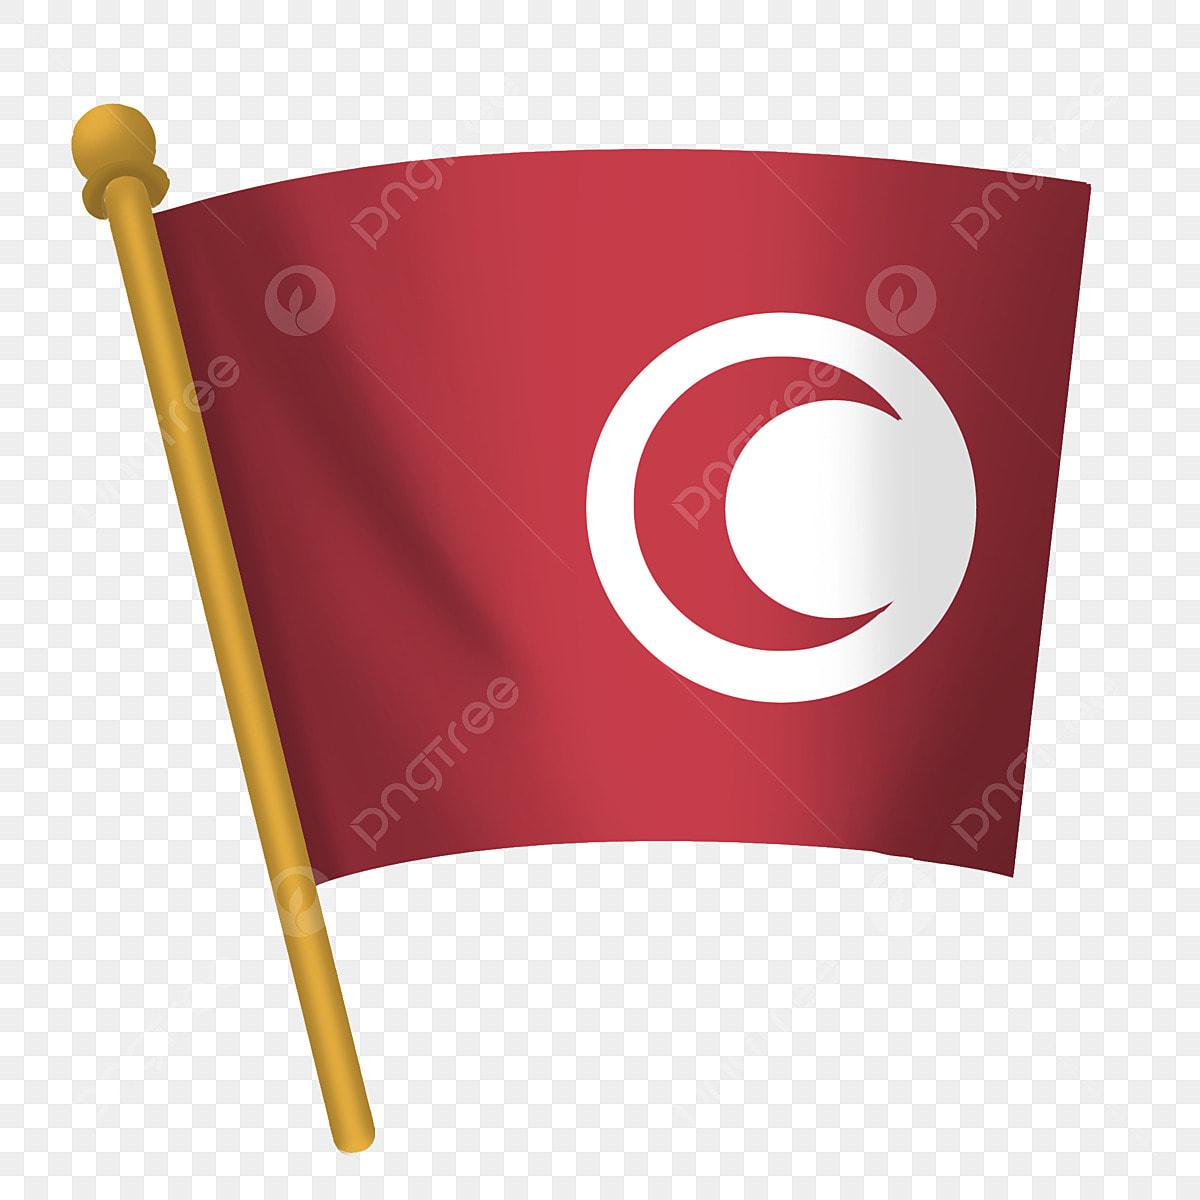 Gambar Bulatan Putih Bendera Merah Kartun Bendera Merah Perayaan Musim Bunga Sambutan Bendera Melambai Bendera Merah Png Dan Psd Untuk Muat Turun Percuma